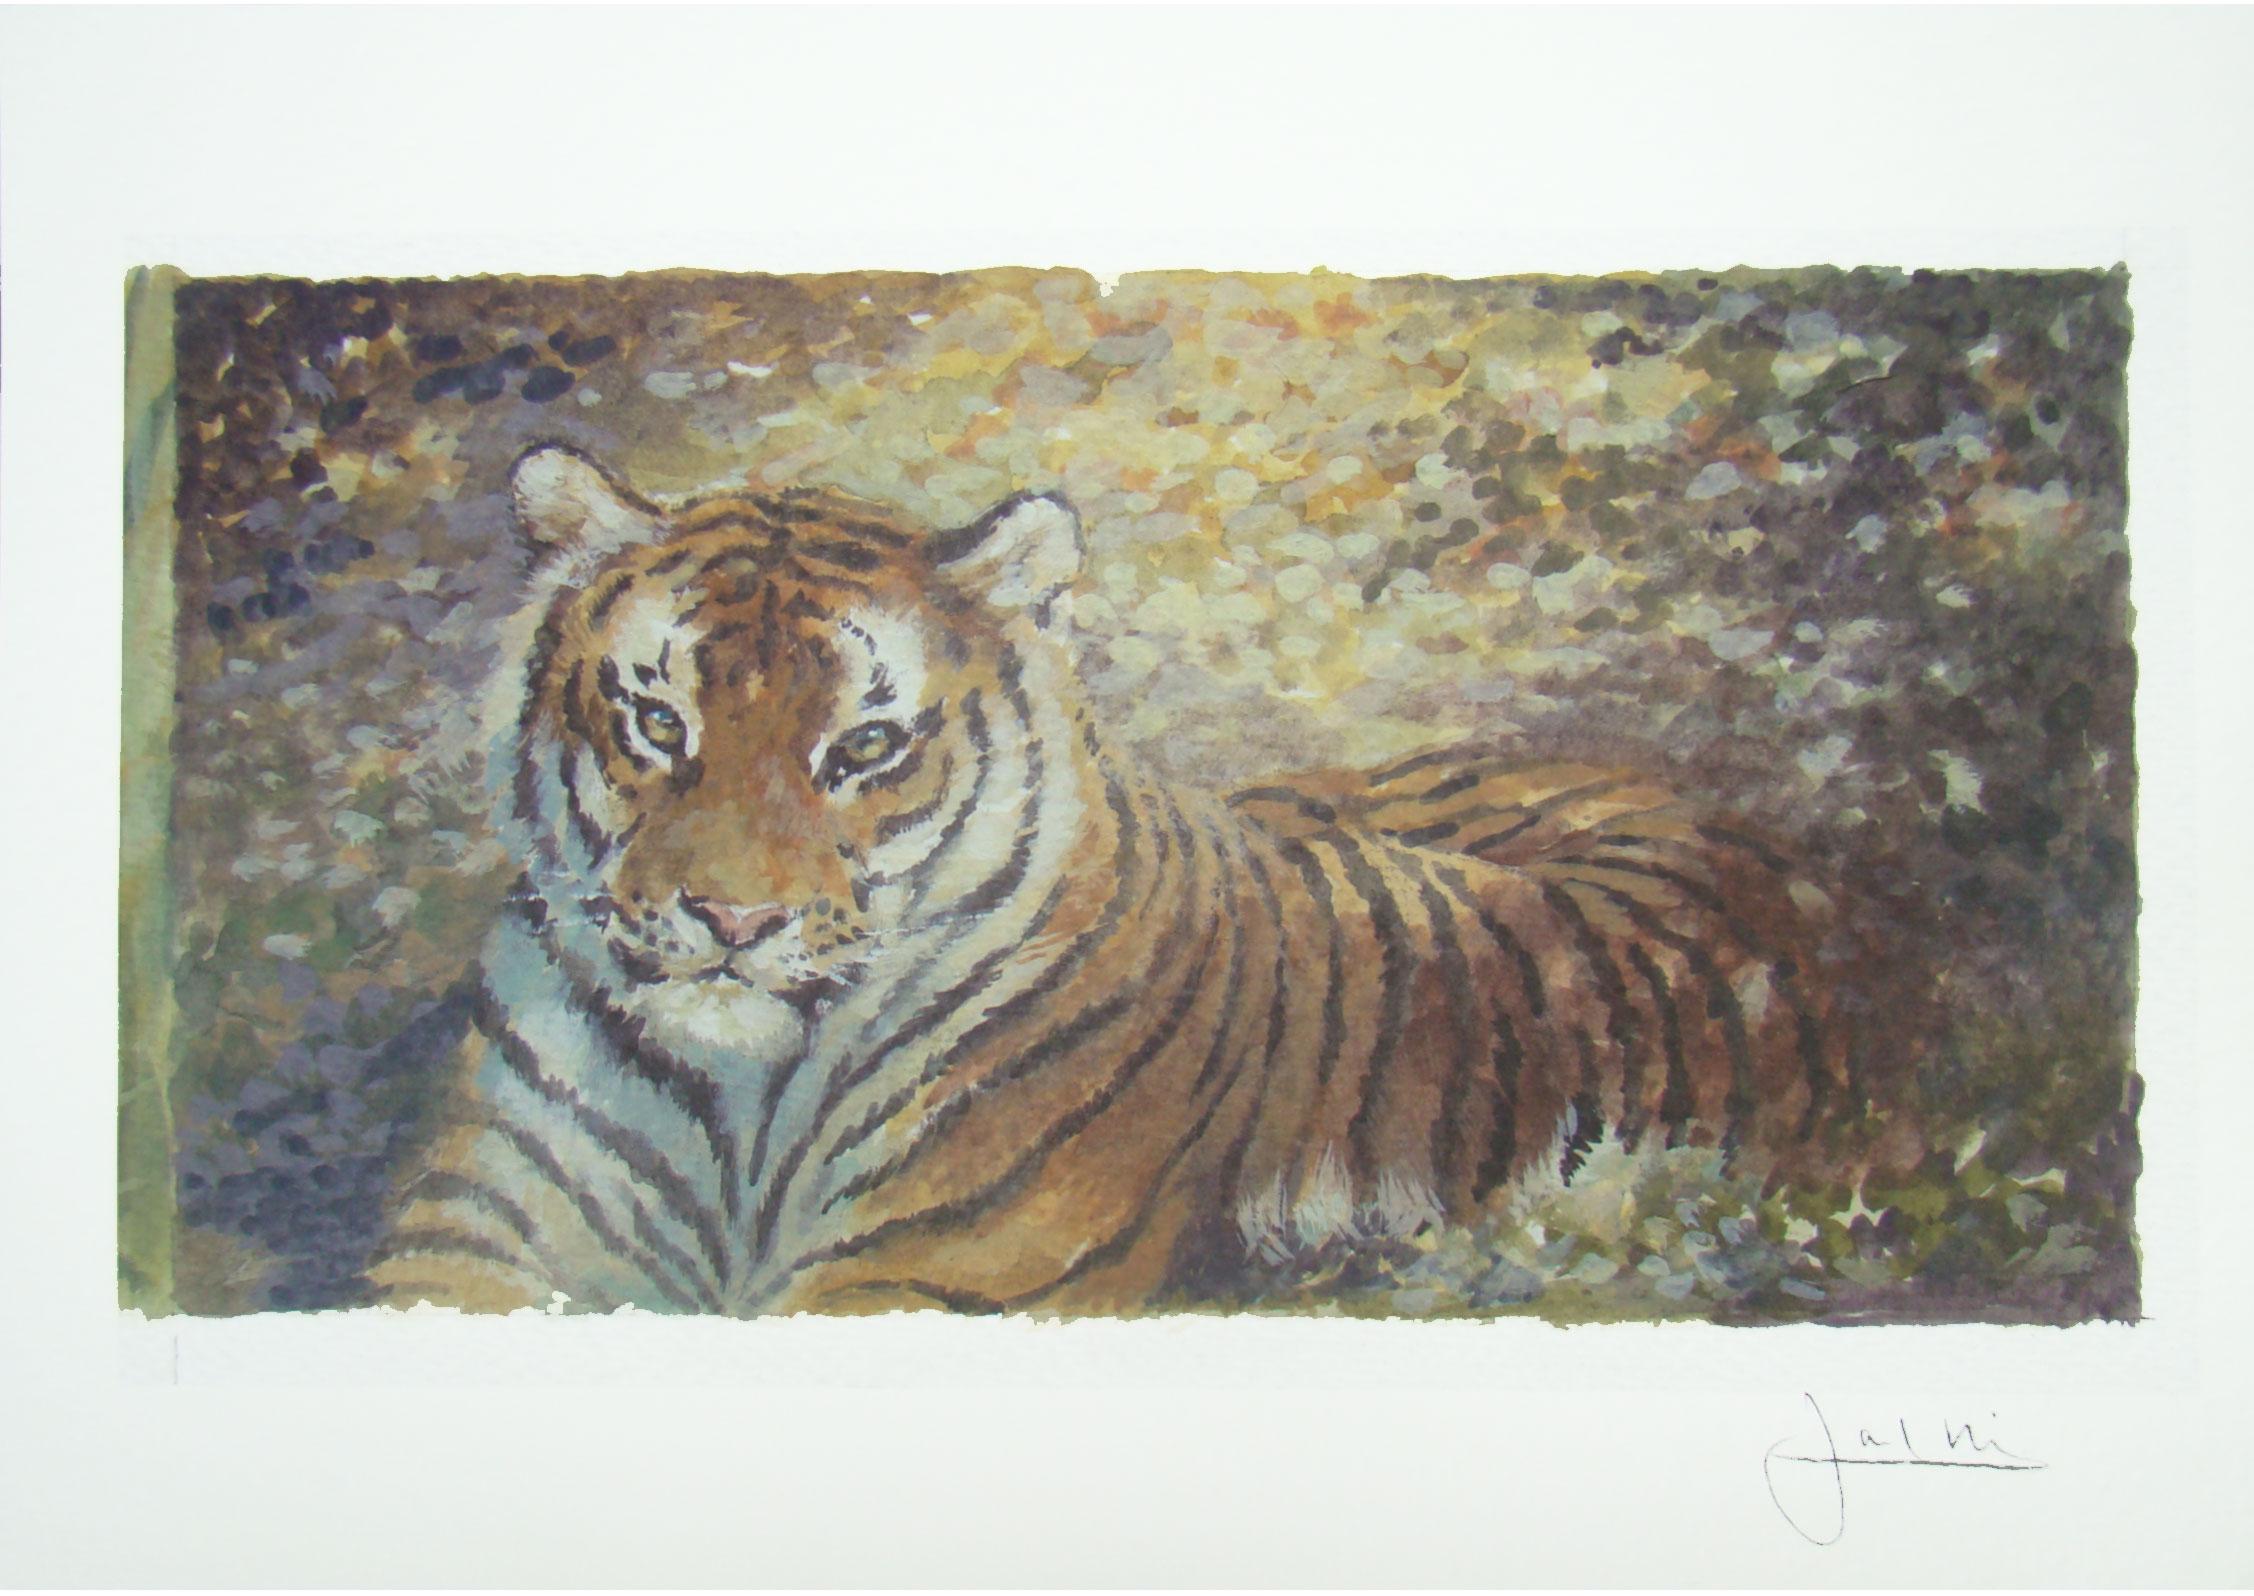 Joel Kirk Print - Bengal Tiger in brown leaves